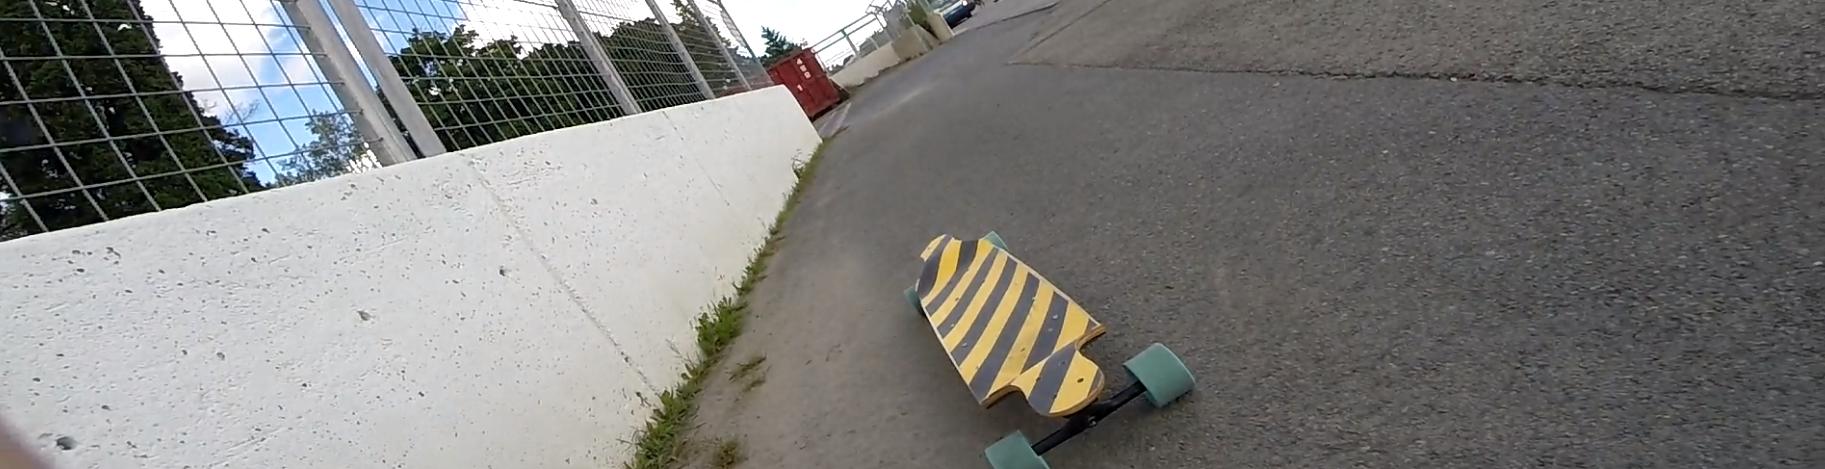 FullSkate